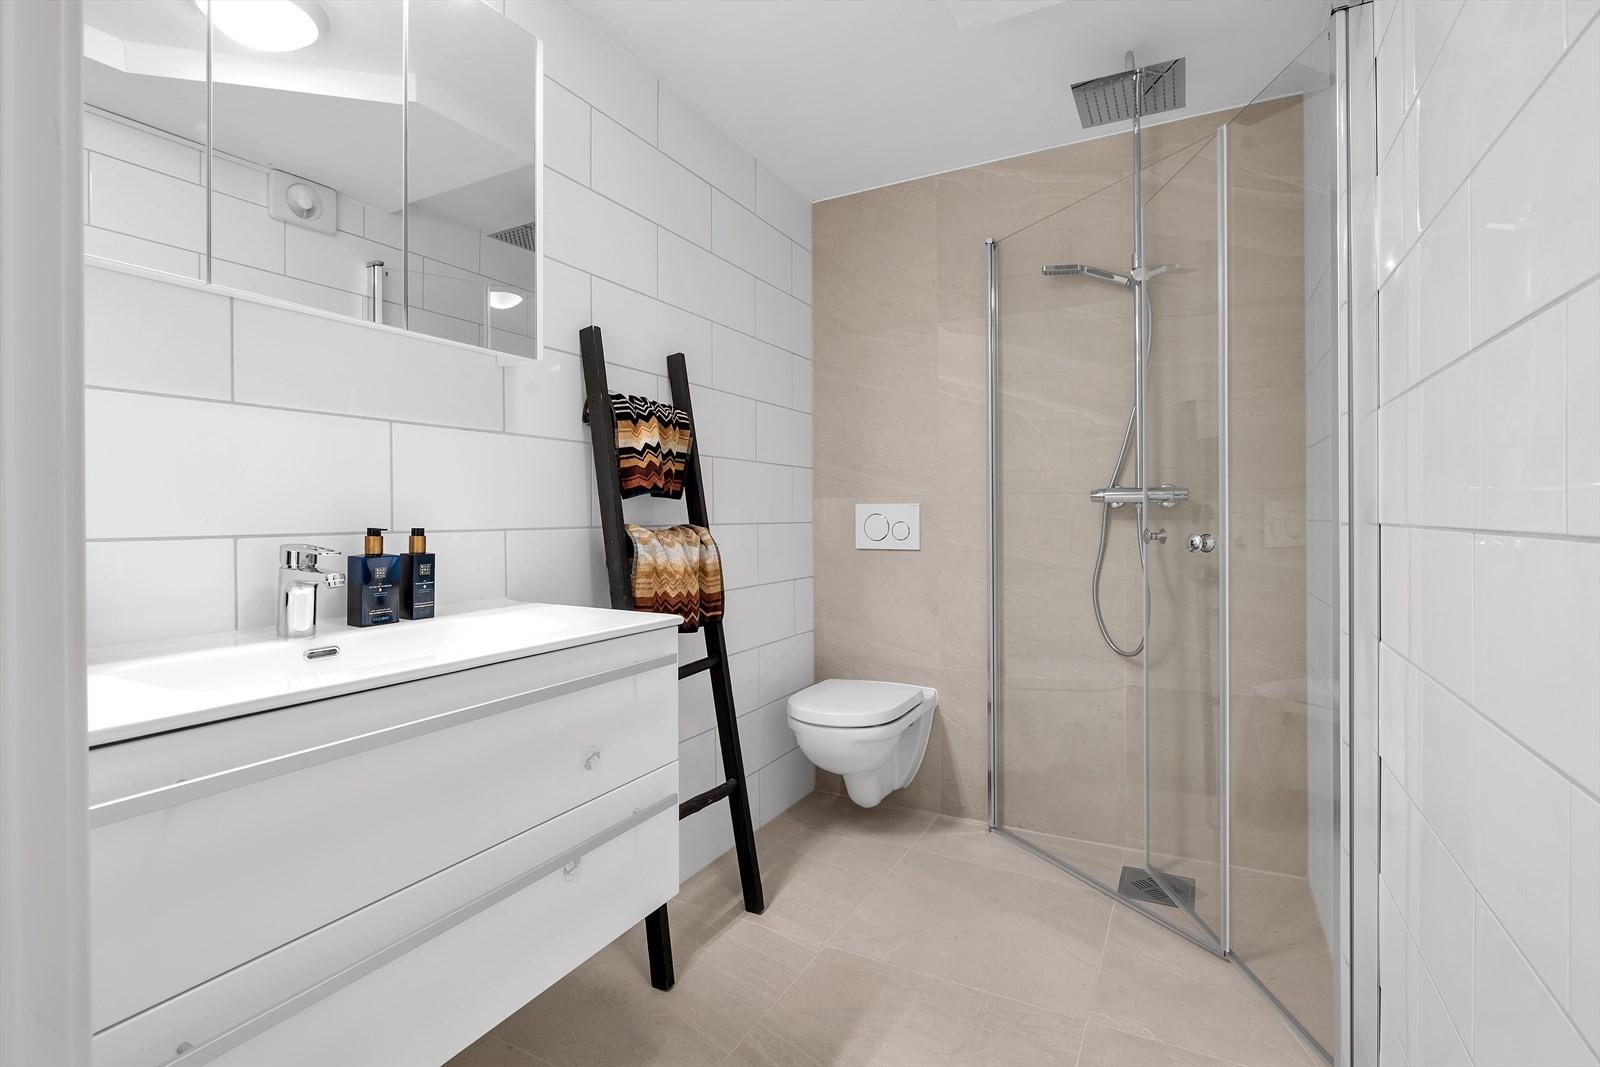 Badet er nyetablert og er flislagt. Vegghengt WC. Innslagbare dusjdører. Stor baderomsinnredning.